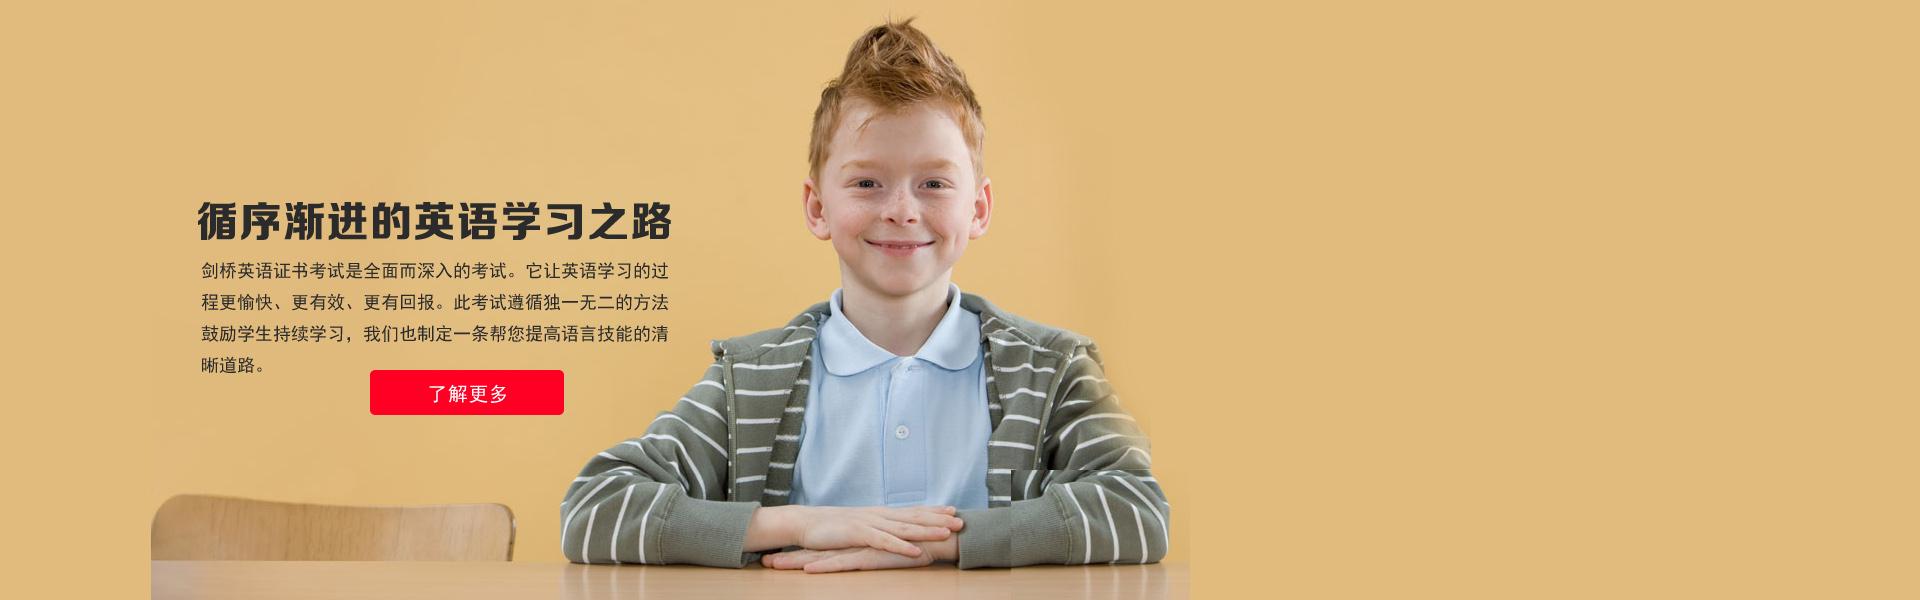 小孩子怎么才能学好英语?小孩子英语学不好的三大误区是什么?